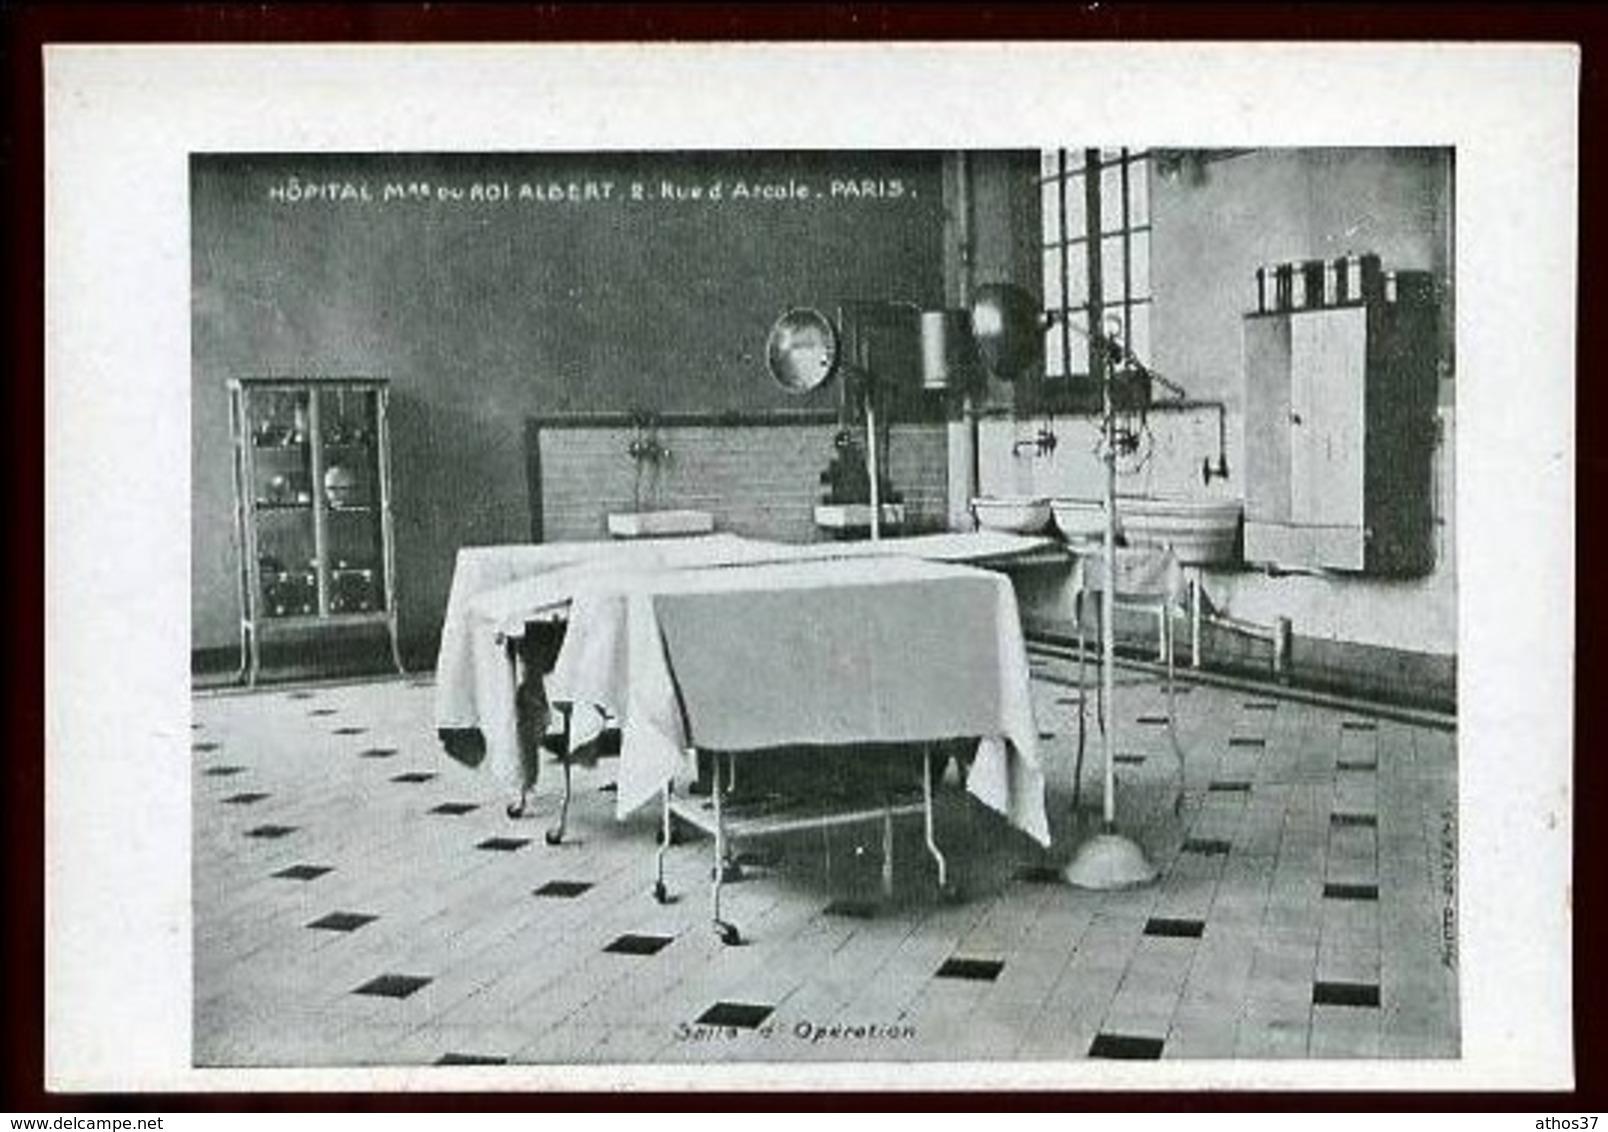 Hôpital Militaire Du ROI ALBERT - 2 Rue D' Arcole, Paris - Salle D' Opération - (Beau Plan) - Health, Hospitals